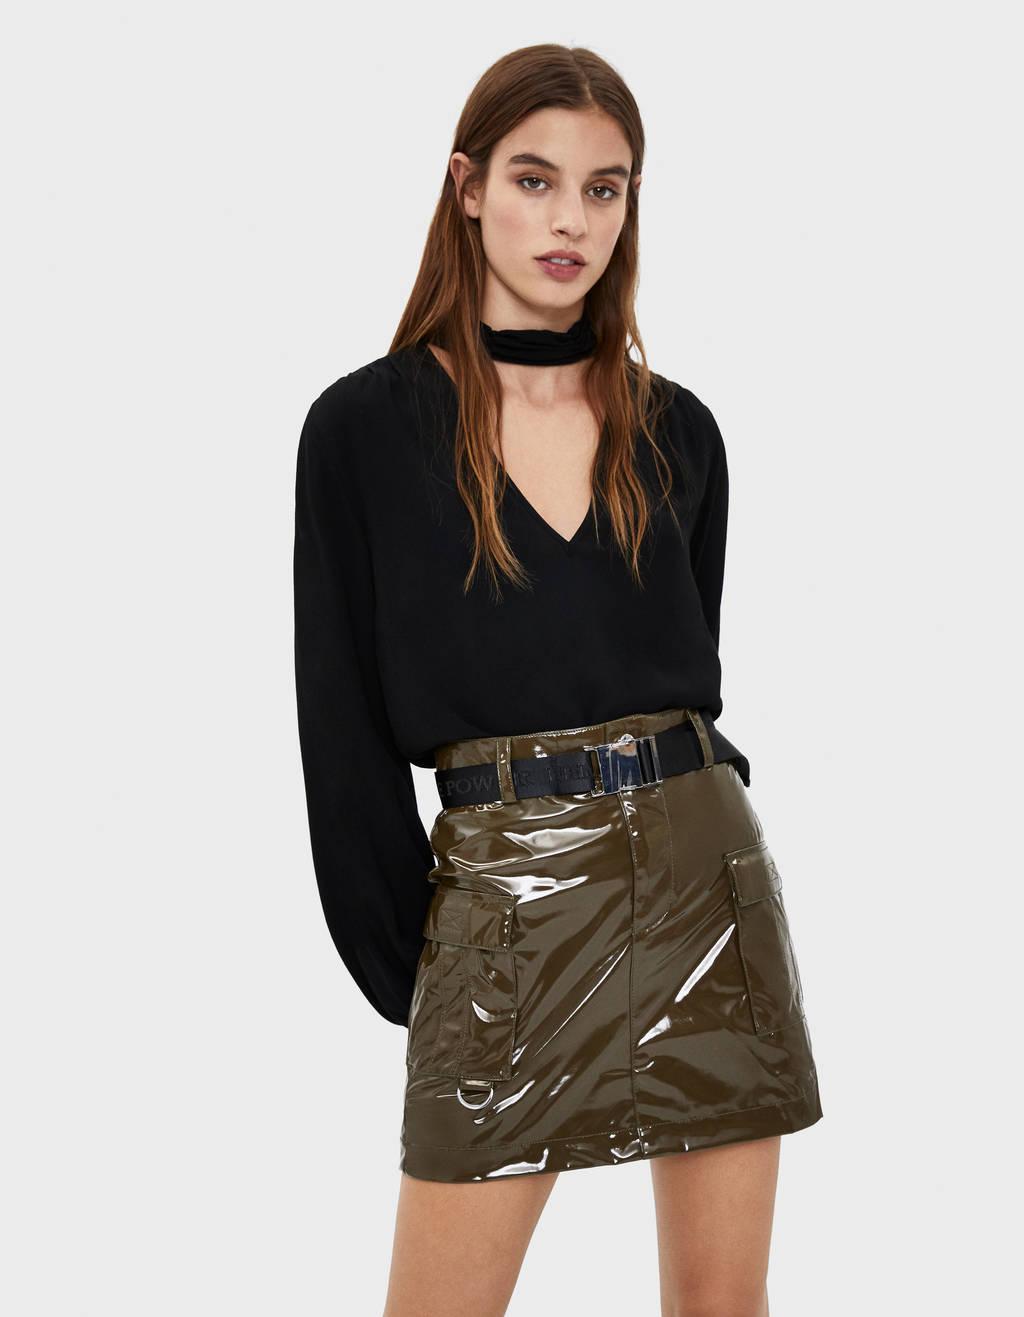 Vinyl skirt with belt